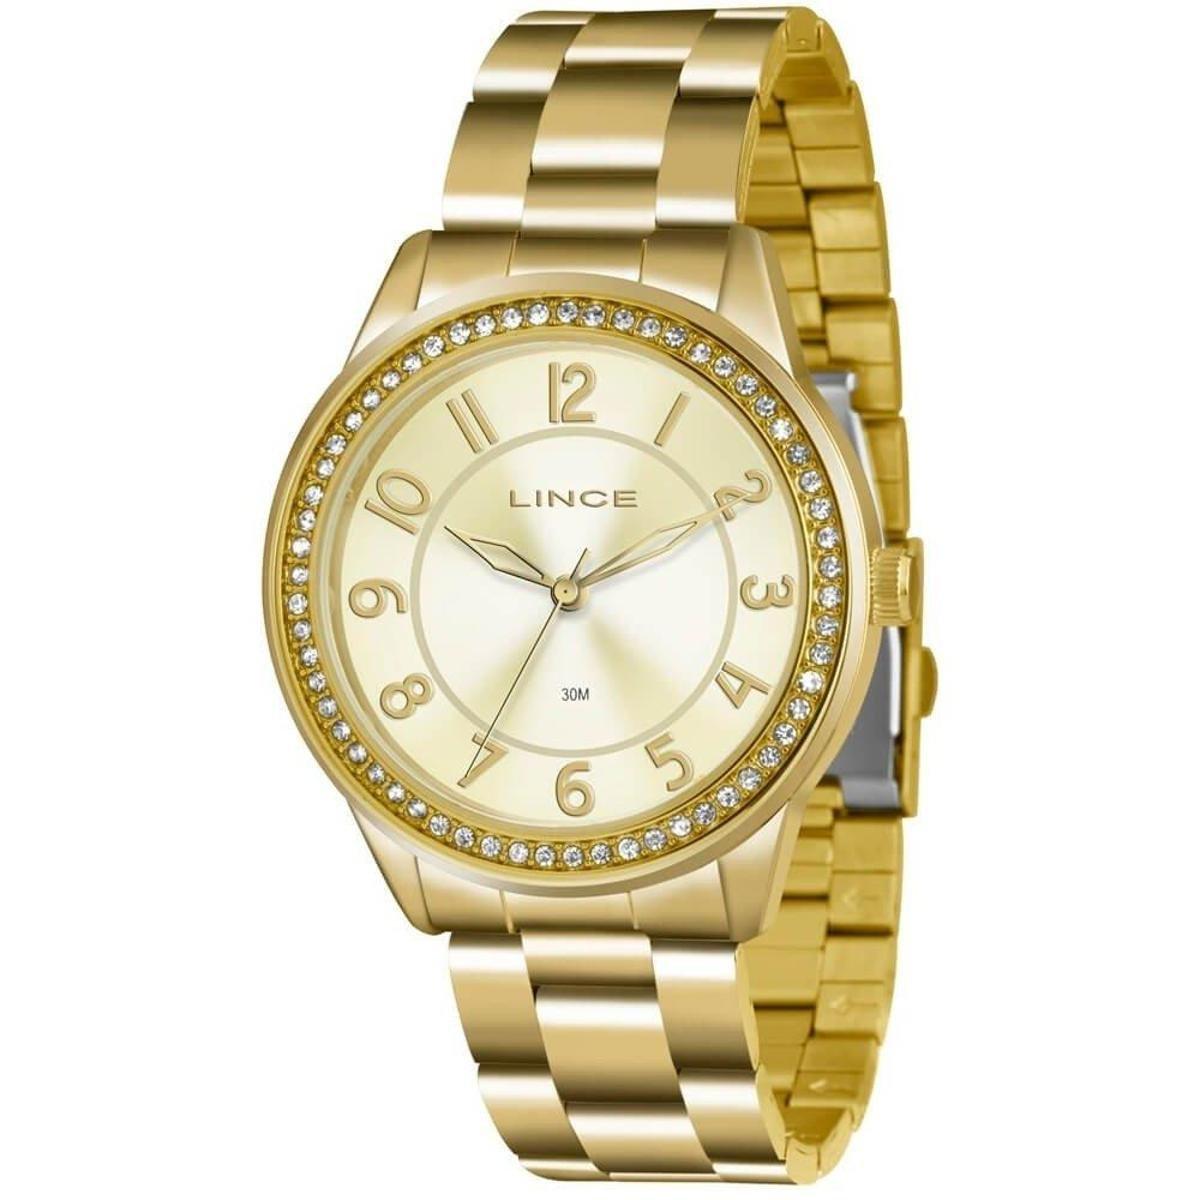 5dab62045e0 Relógio Lince Feminino LRG4339L C2KX - Compre Agora